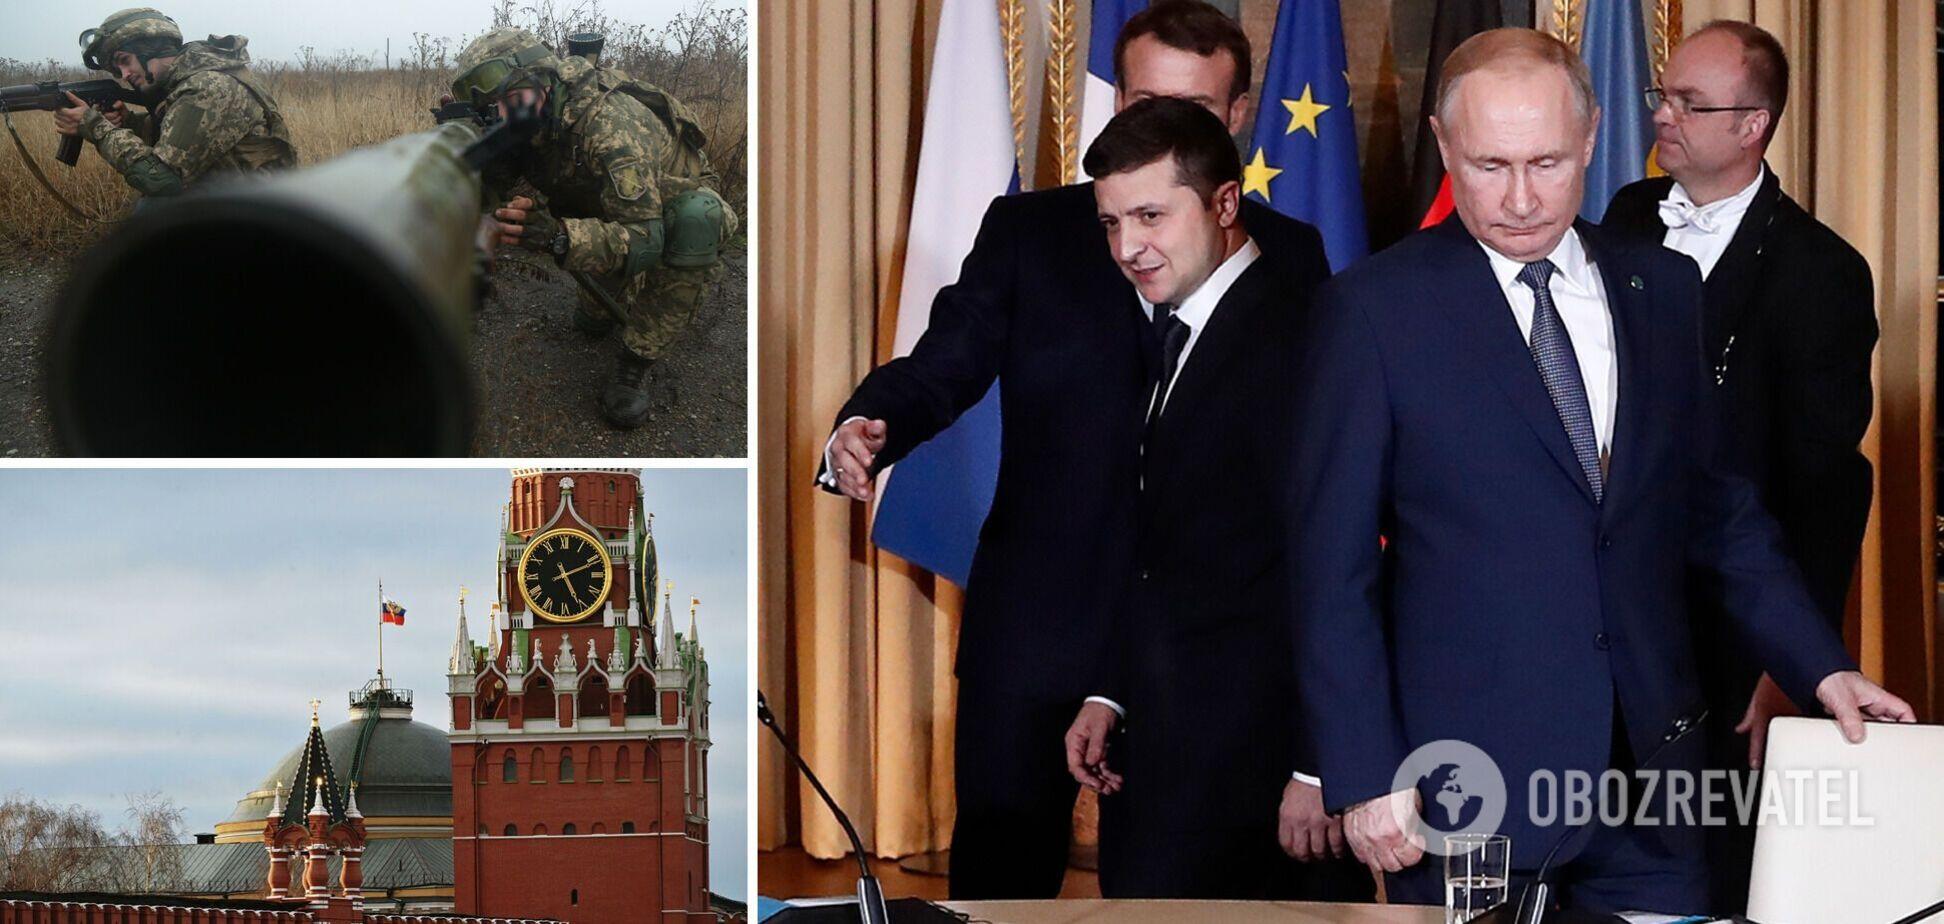 Президент Украины Владимир Зеленский предложил Владимиру Путину встретиться на Донбассе